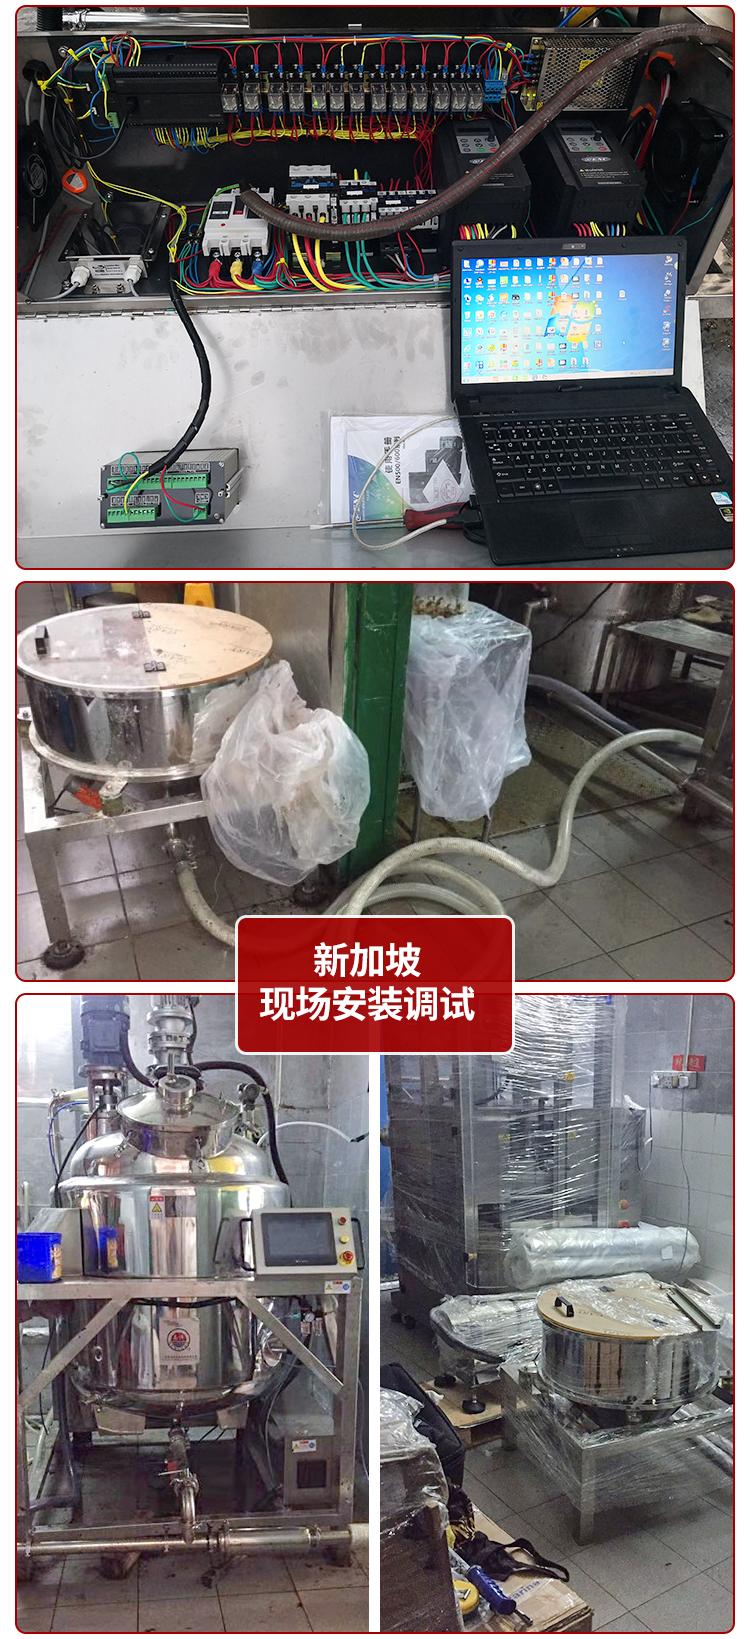 南洋龟苓膏生产线-新加坡_14.jpg